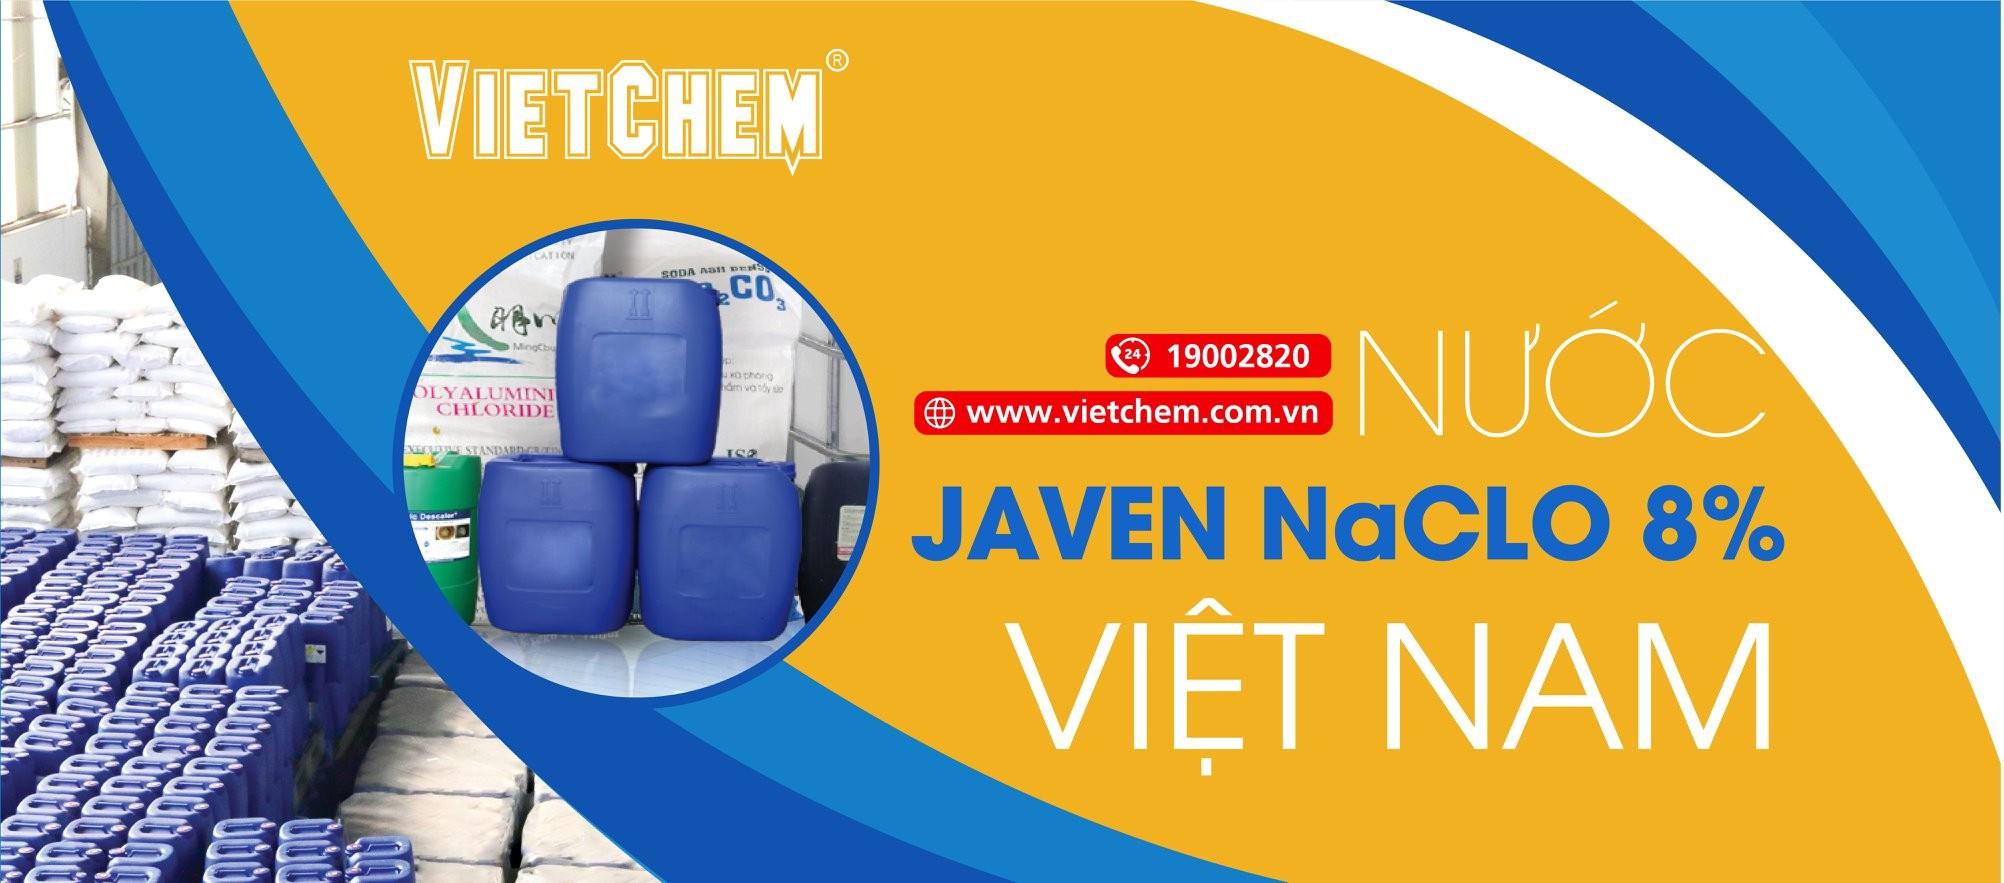 Nước Javen NaClO 8% Việt Nam